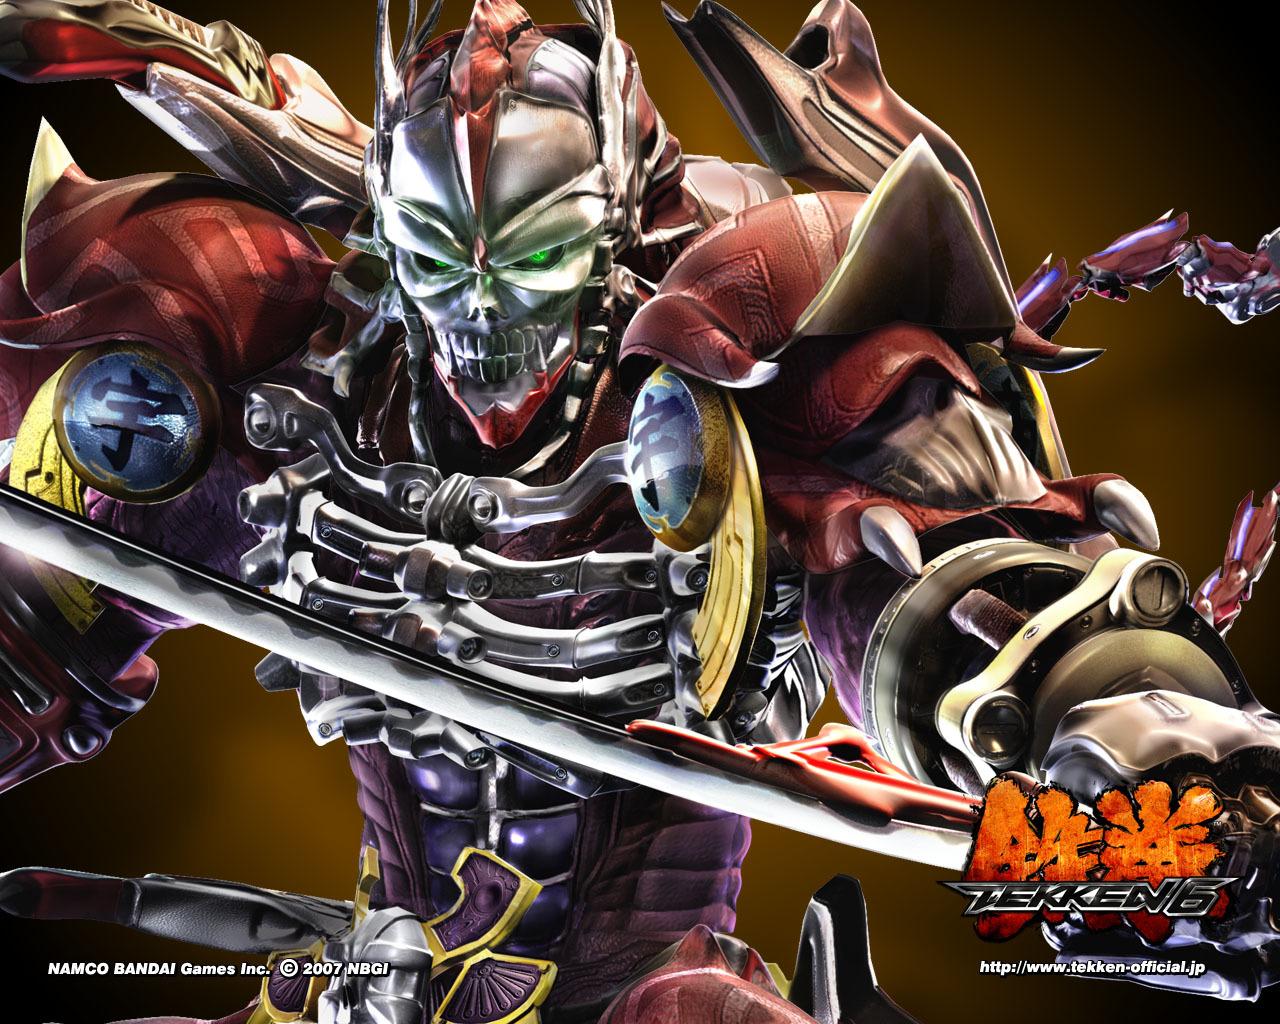 2155 скачать обои Tekken, Игры - заставки и картинки бесплатно